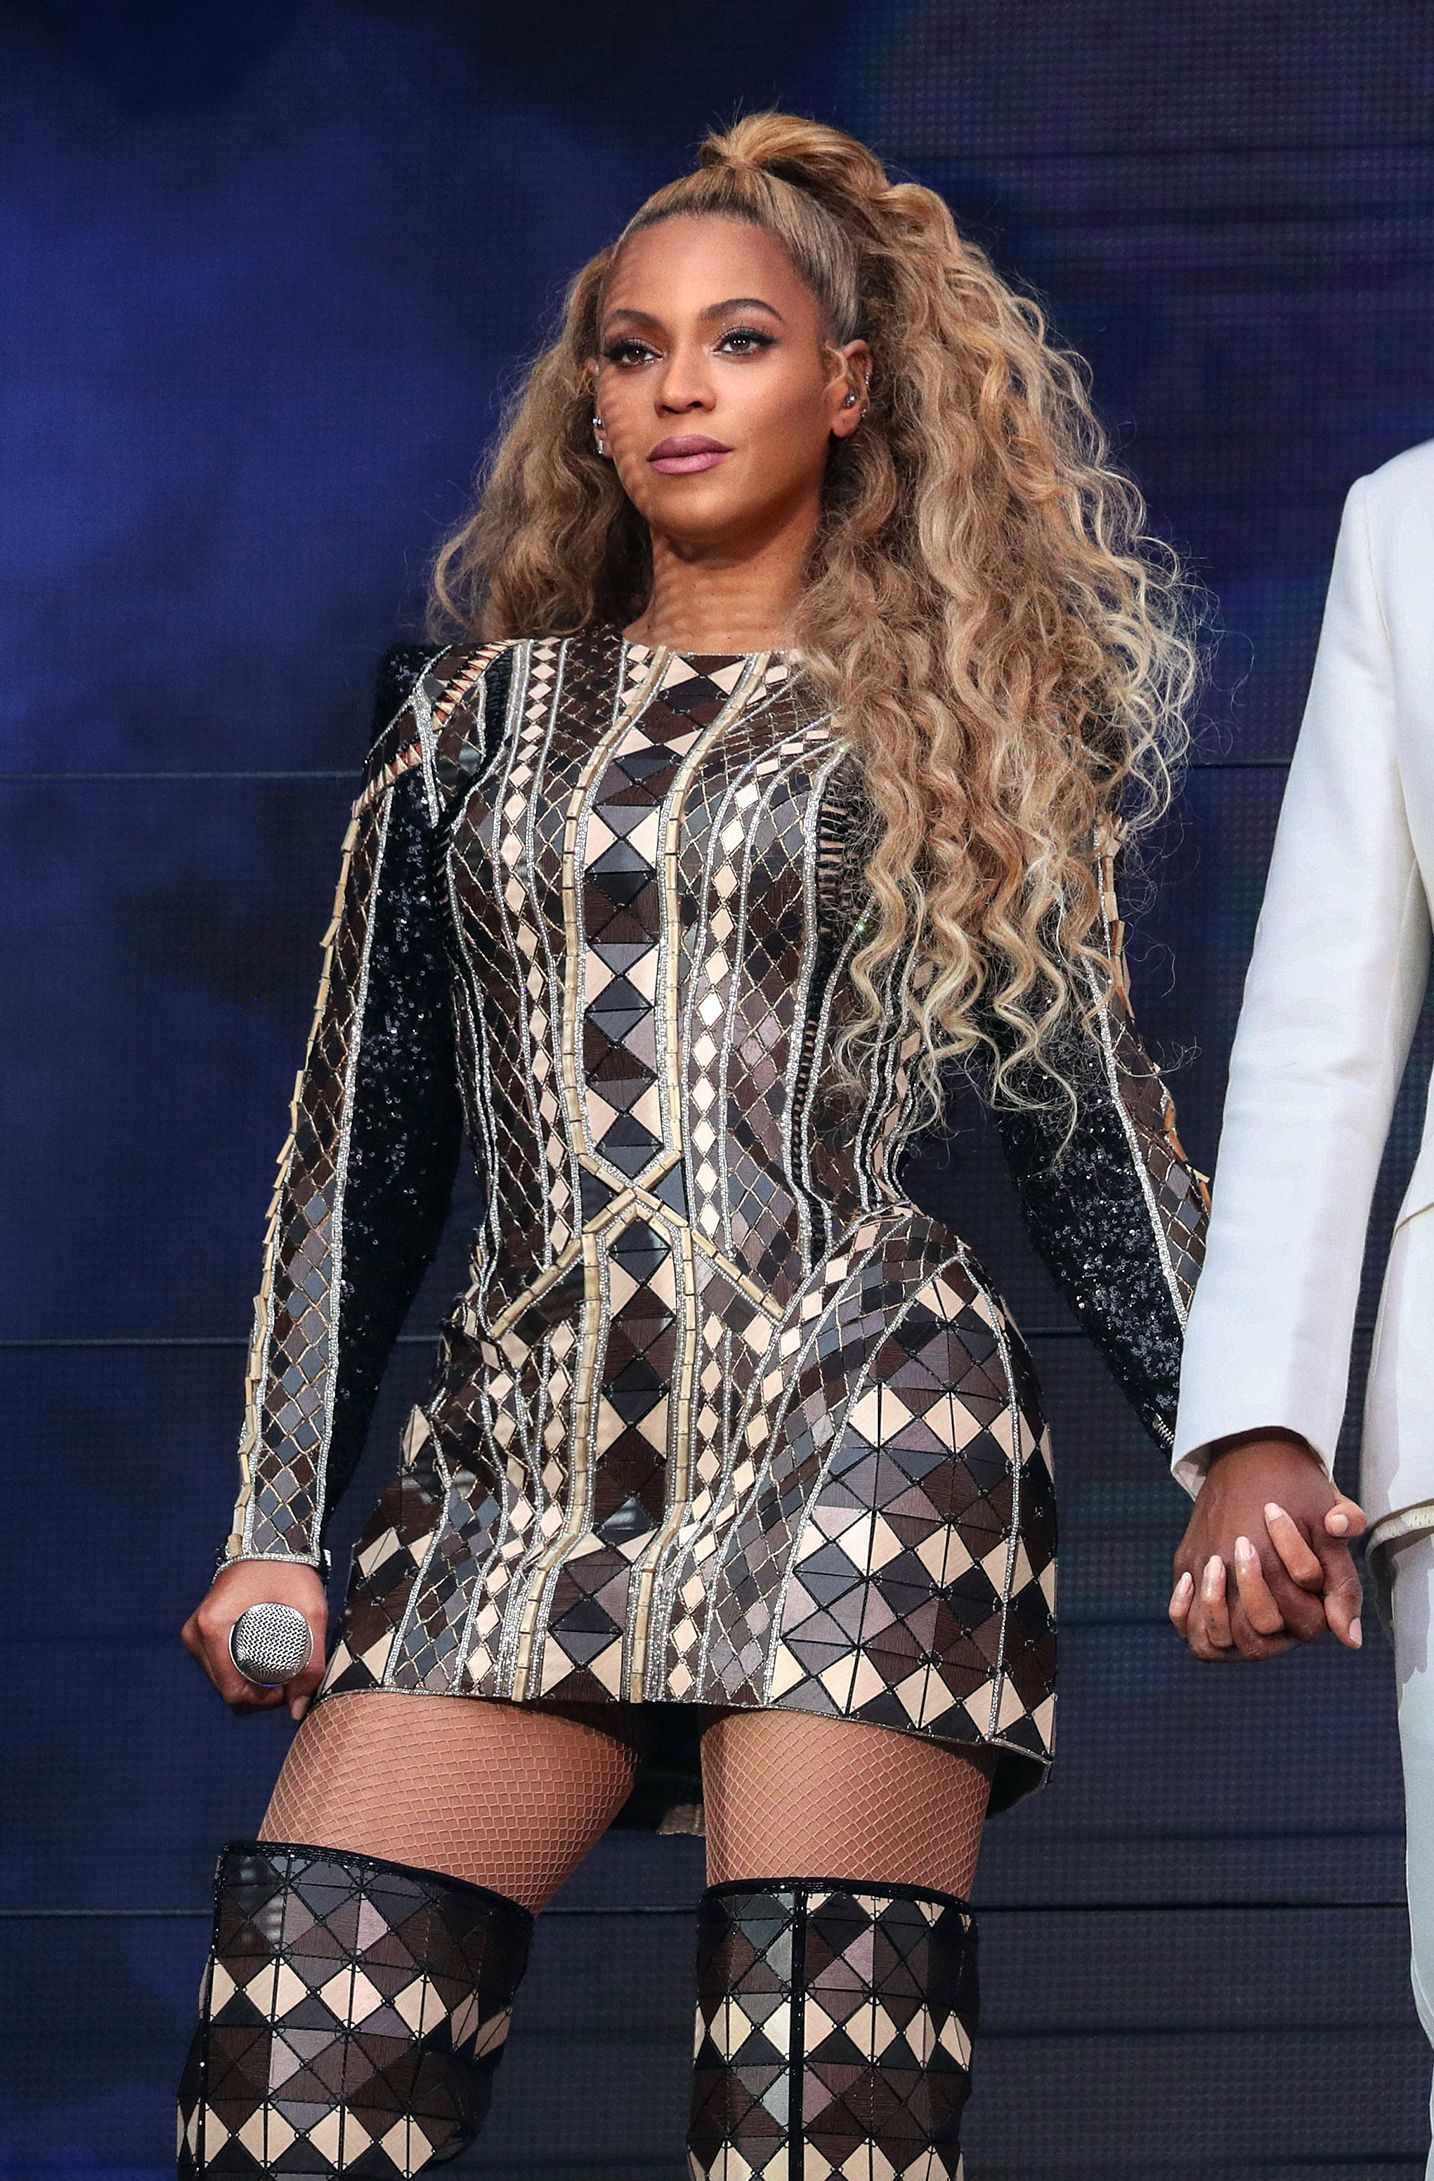 Beyonce con cabello super largo, rizado, rubio. Las raices son lacias y de ahí se abre una gran coleta